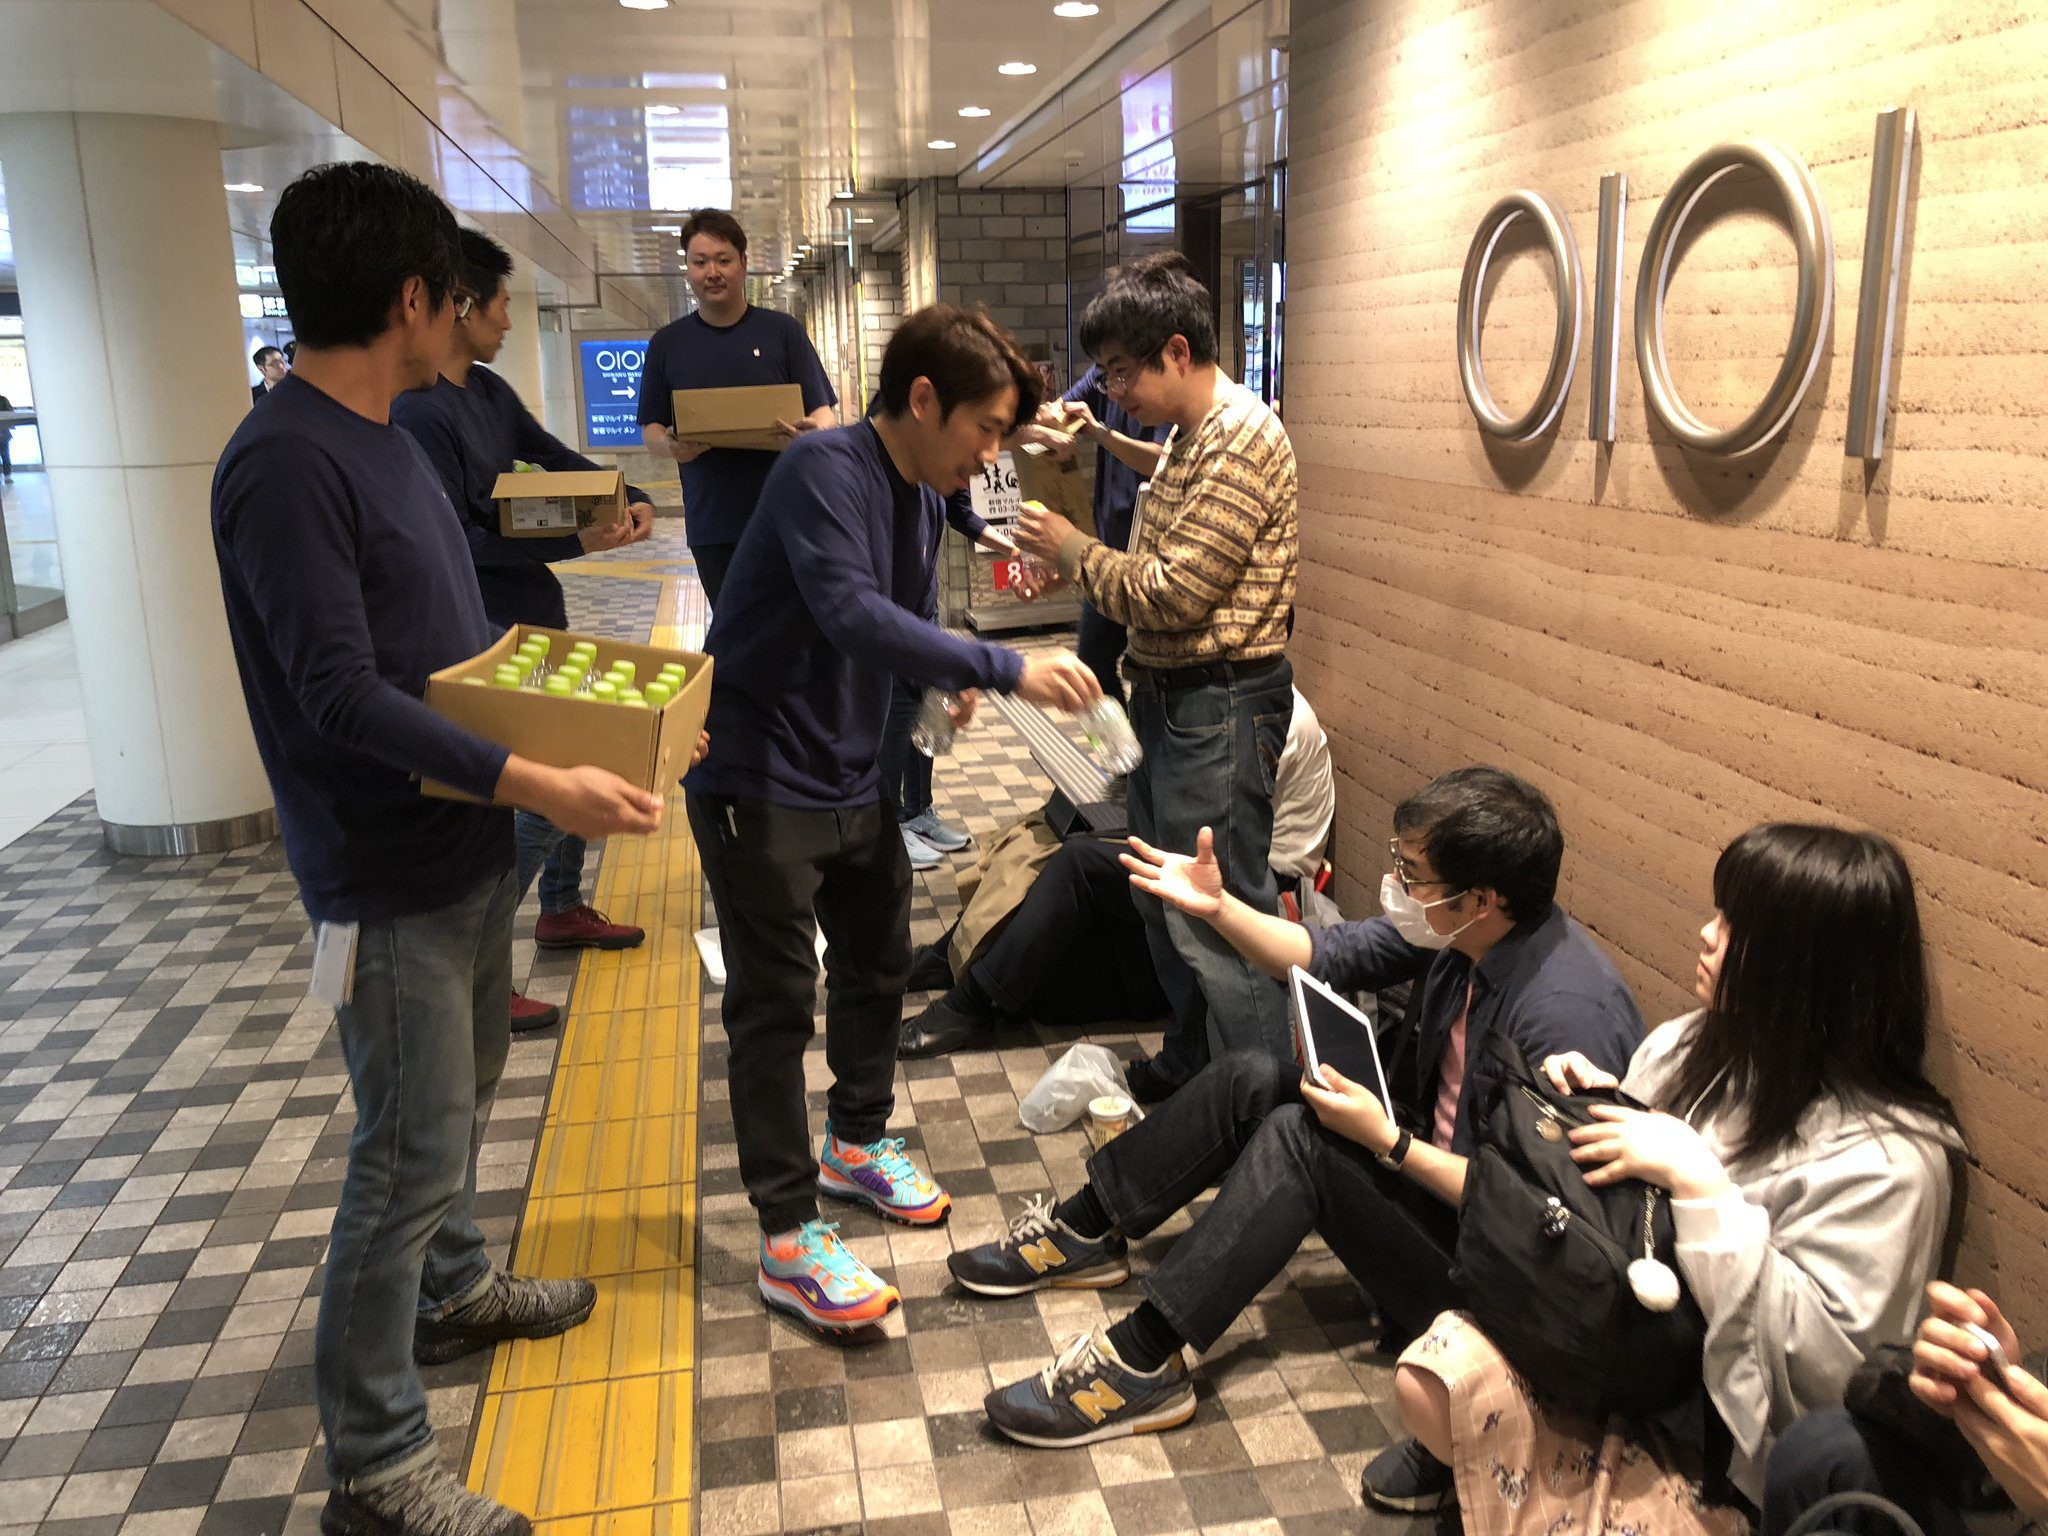 Repartiendo agua entre los que esperan a la inauguración de la nueva tienda de Apple en Shinjuku